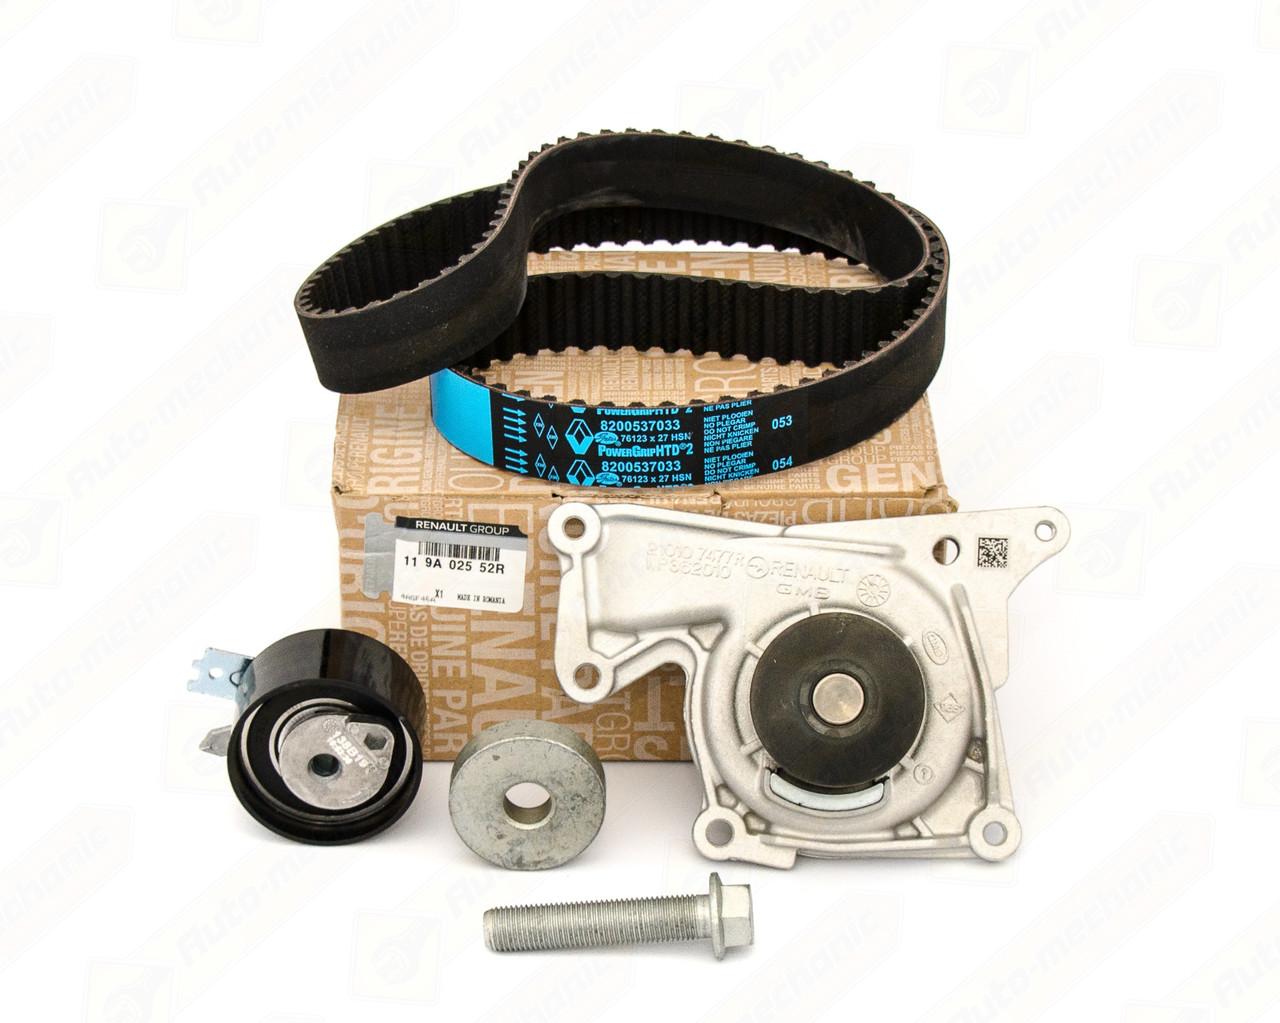 Комплект натягувач + ремінь ГРМ на Renault Kangoo II 2008-> 1.5 dCi — Renault (Оригінал) - 119A02552R